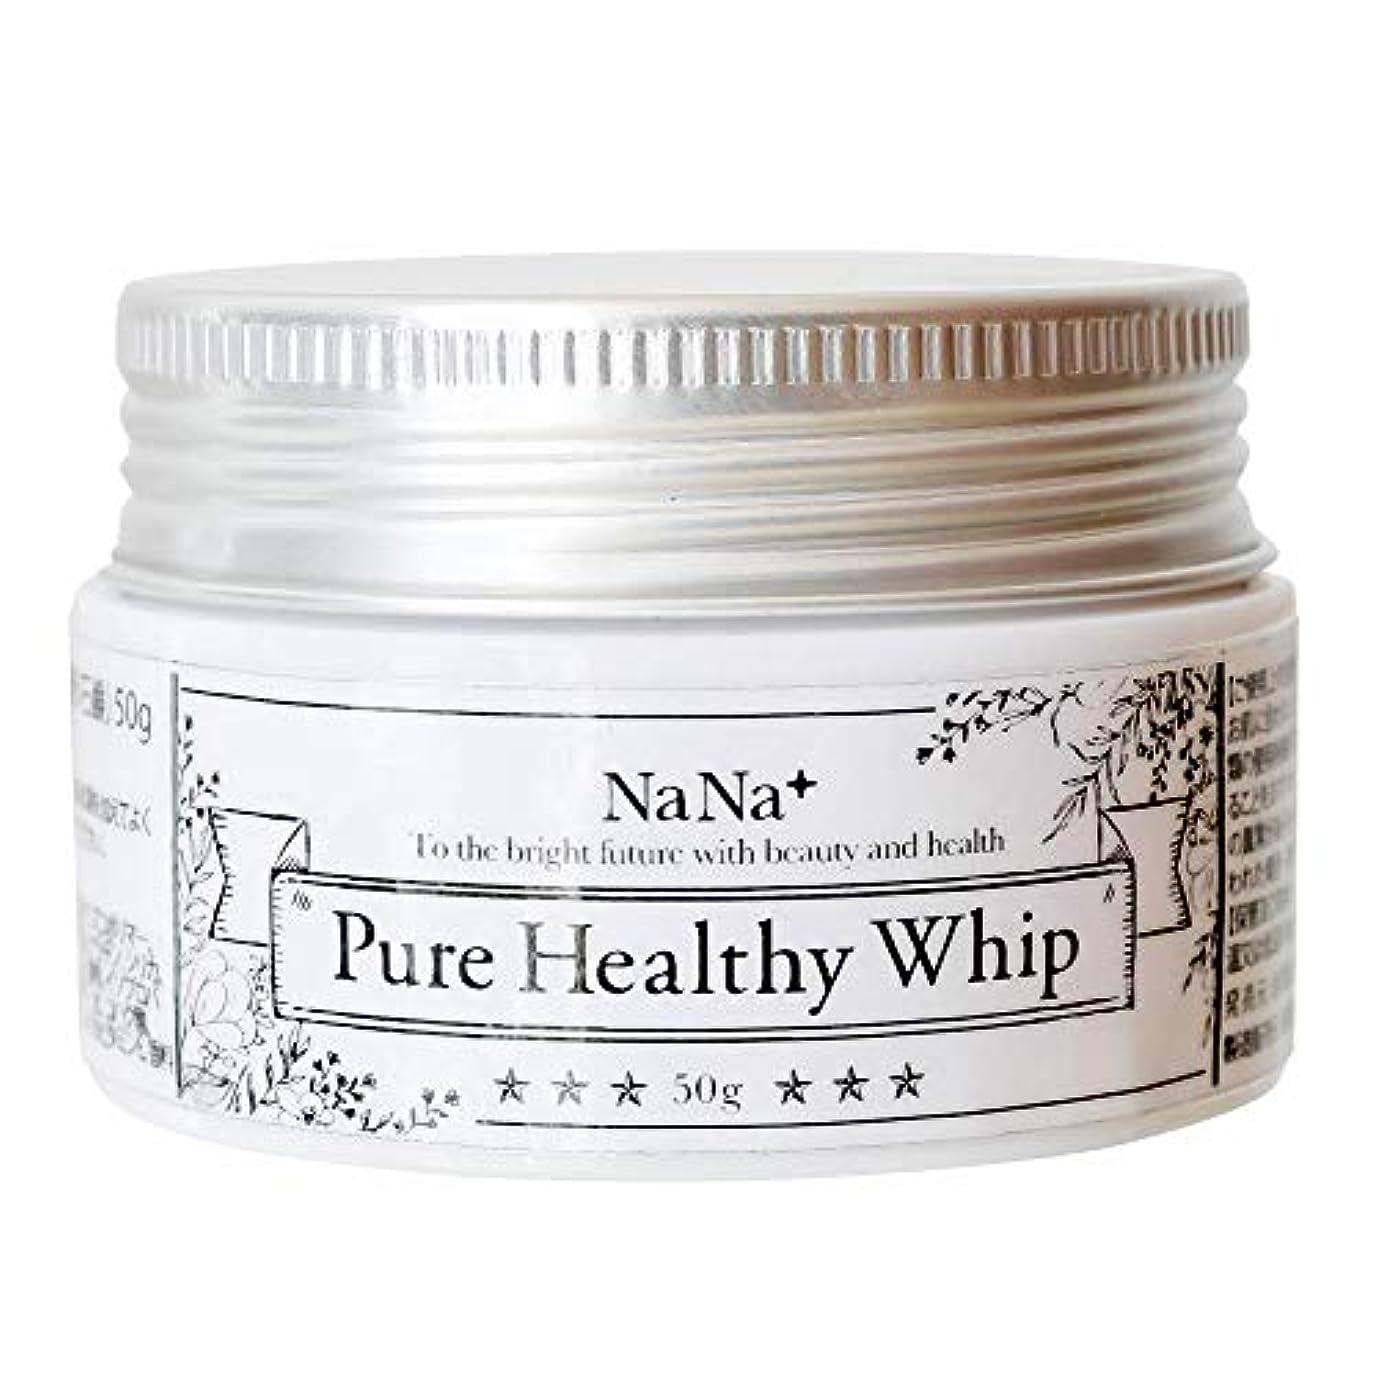 忘れられない対処忘れられない洗顔 生せっけん 敏感肌 乾燥肌 の 毛穴 くすみ 黒ずみ ケア 肌に優しい無添加  nana+ピュアヘルシーホイップ